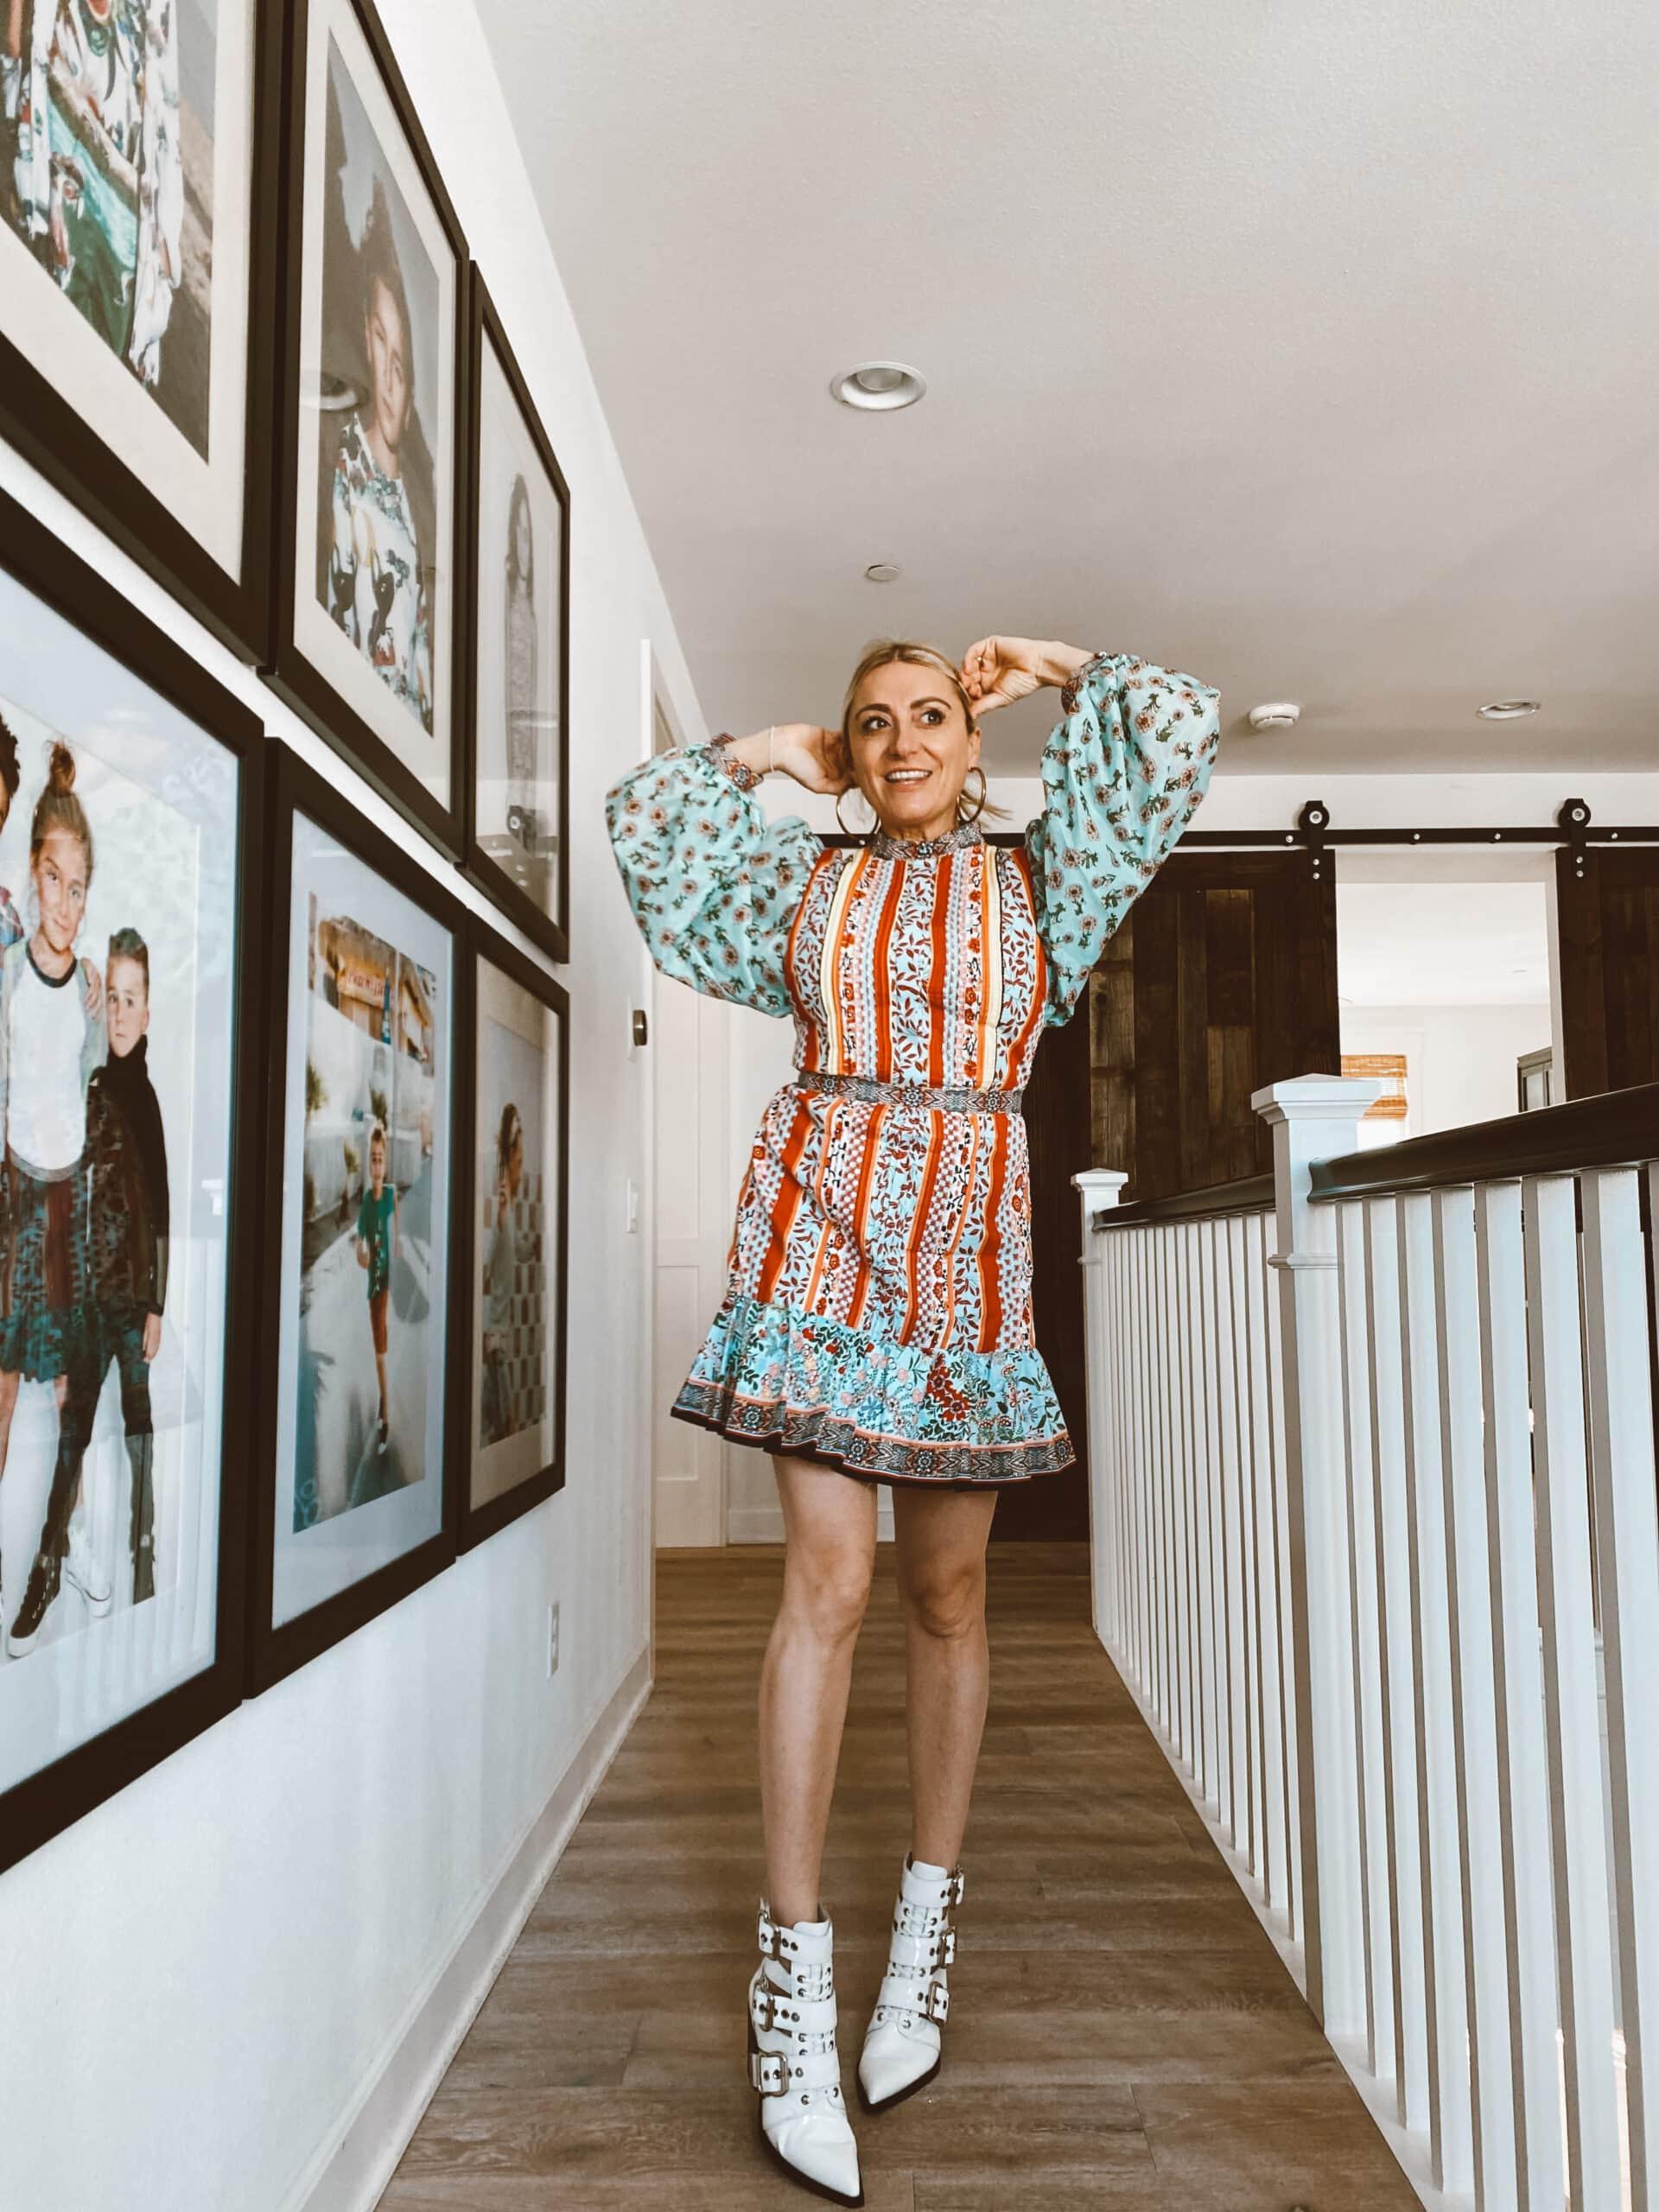 stylish woman in hallway